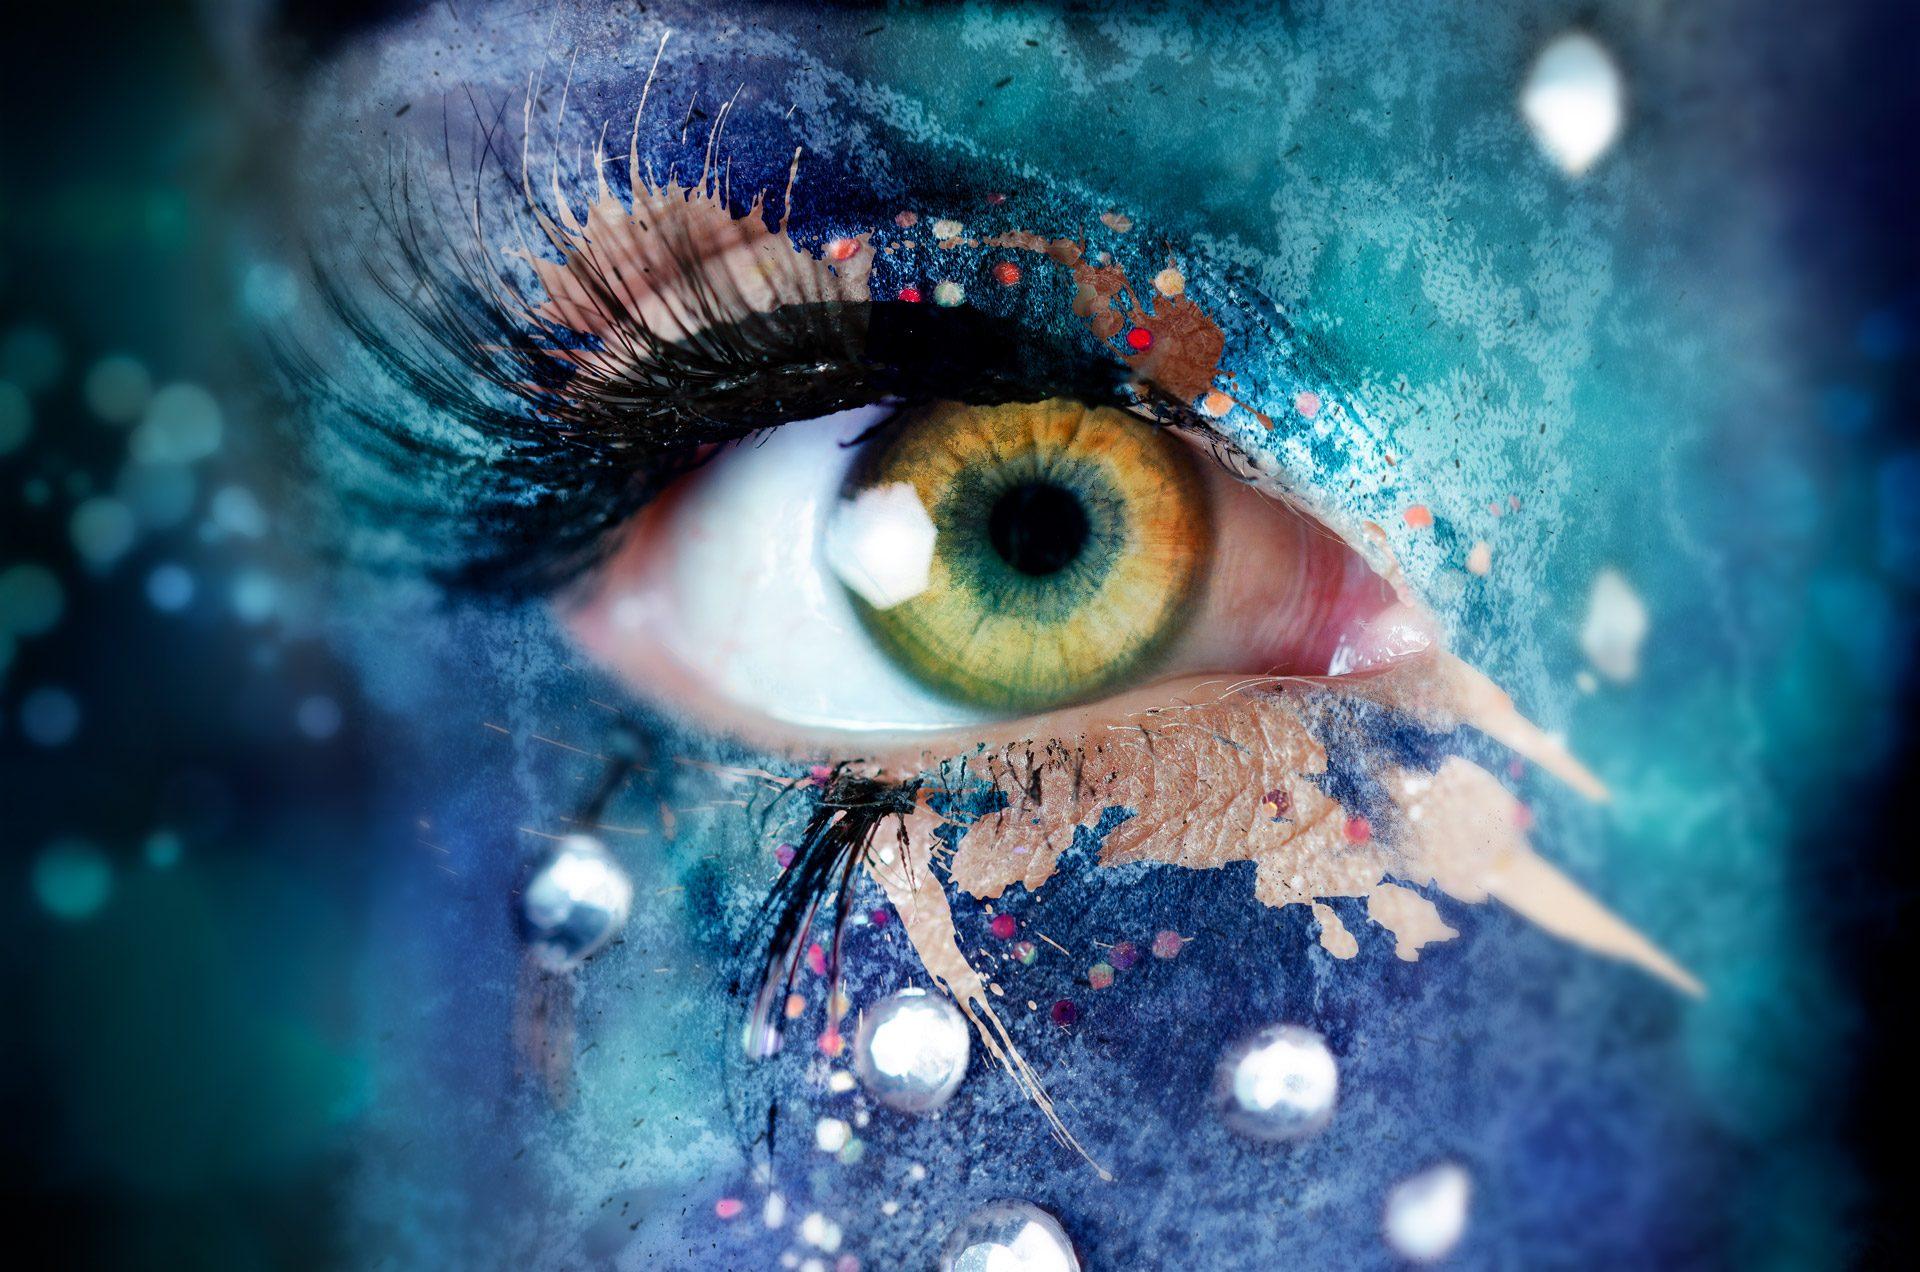 Avatar-Artwork wie ein echtes Filmposter –erstellt mit Overlays in Adobe Photoshop